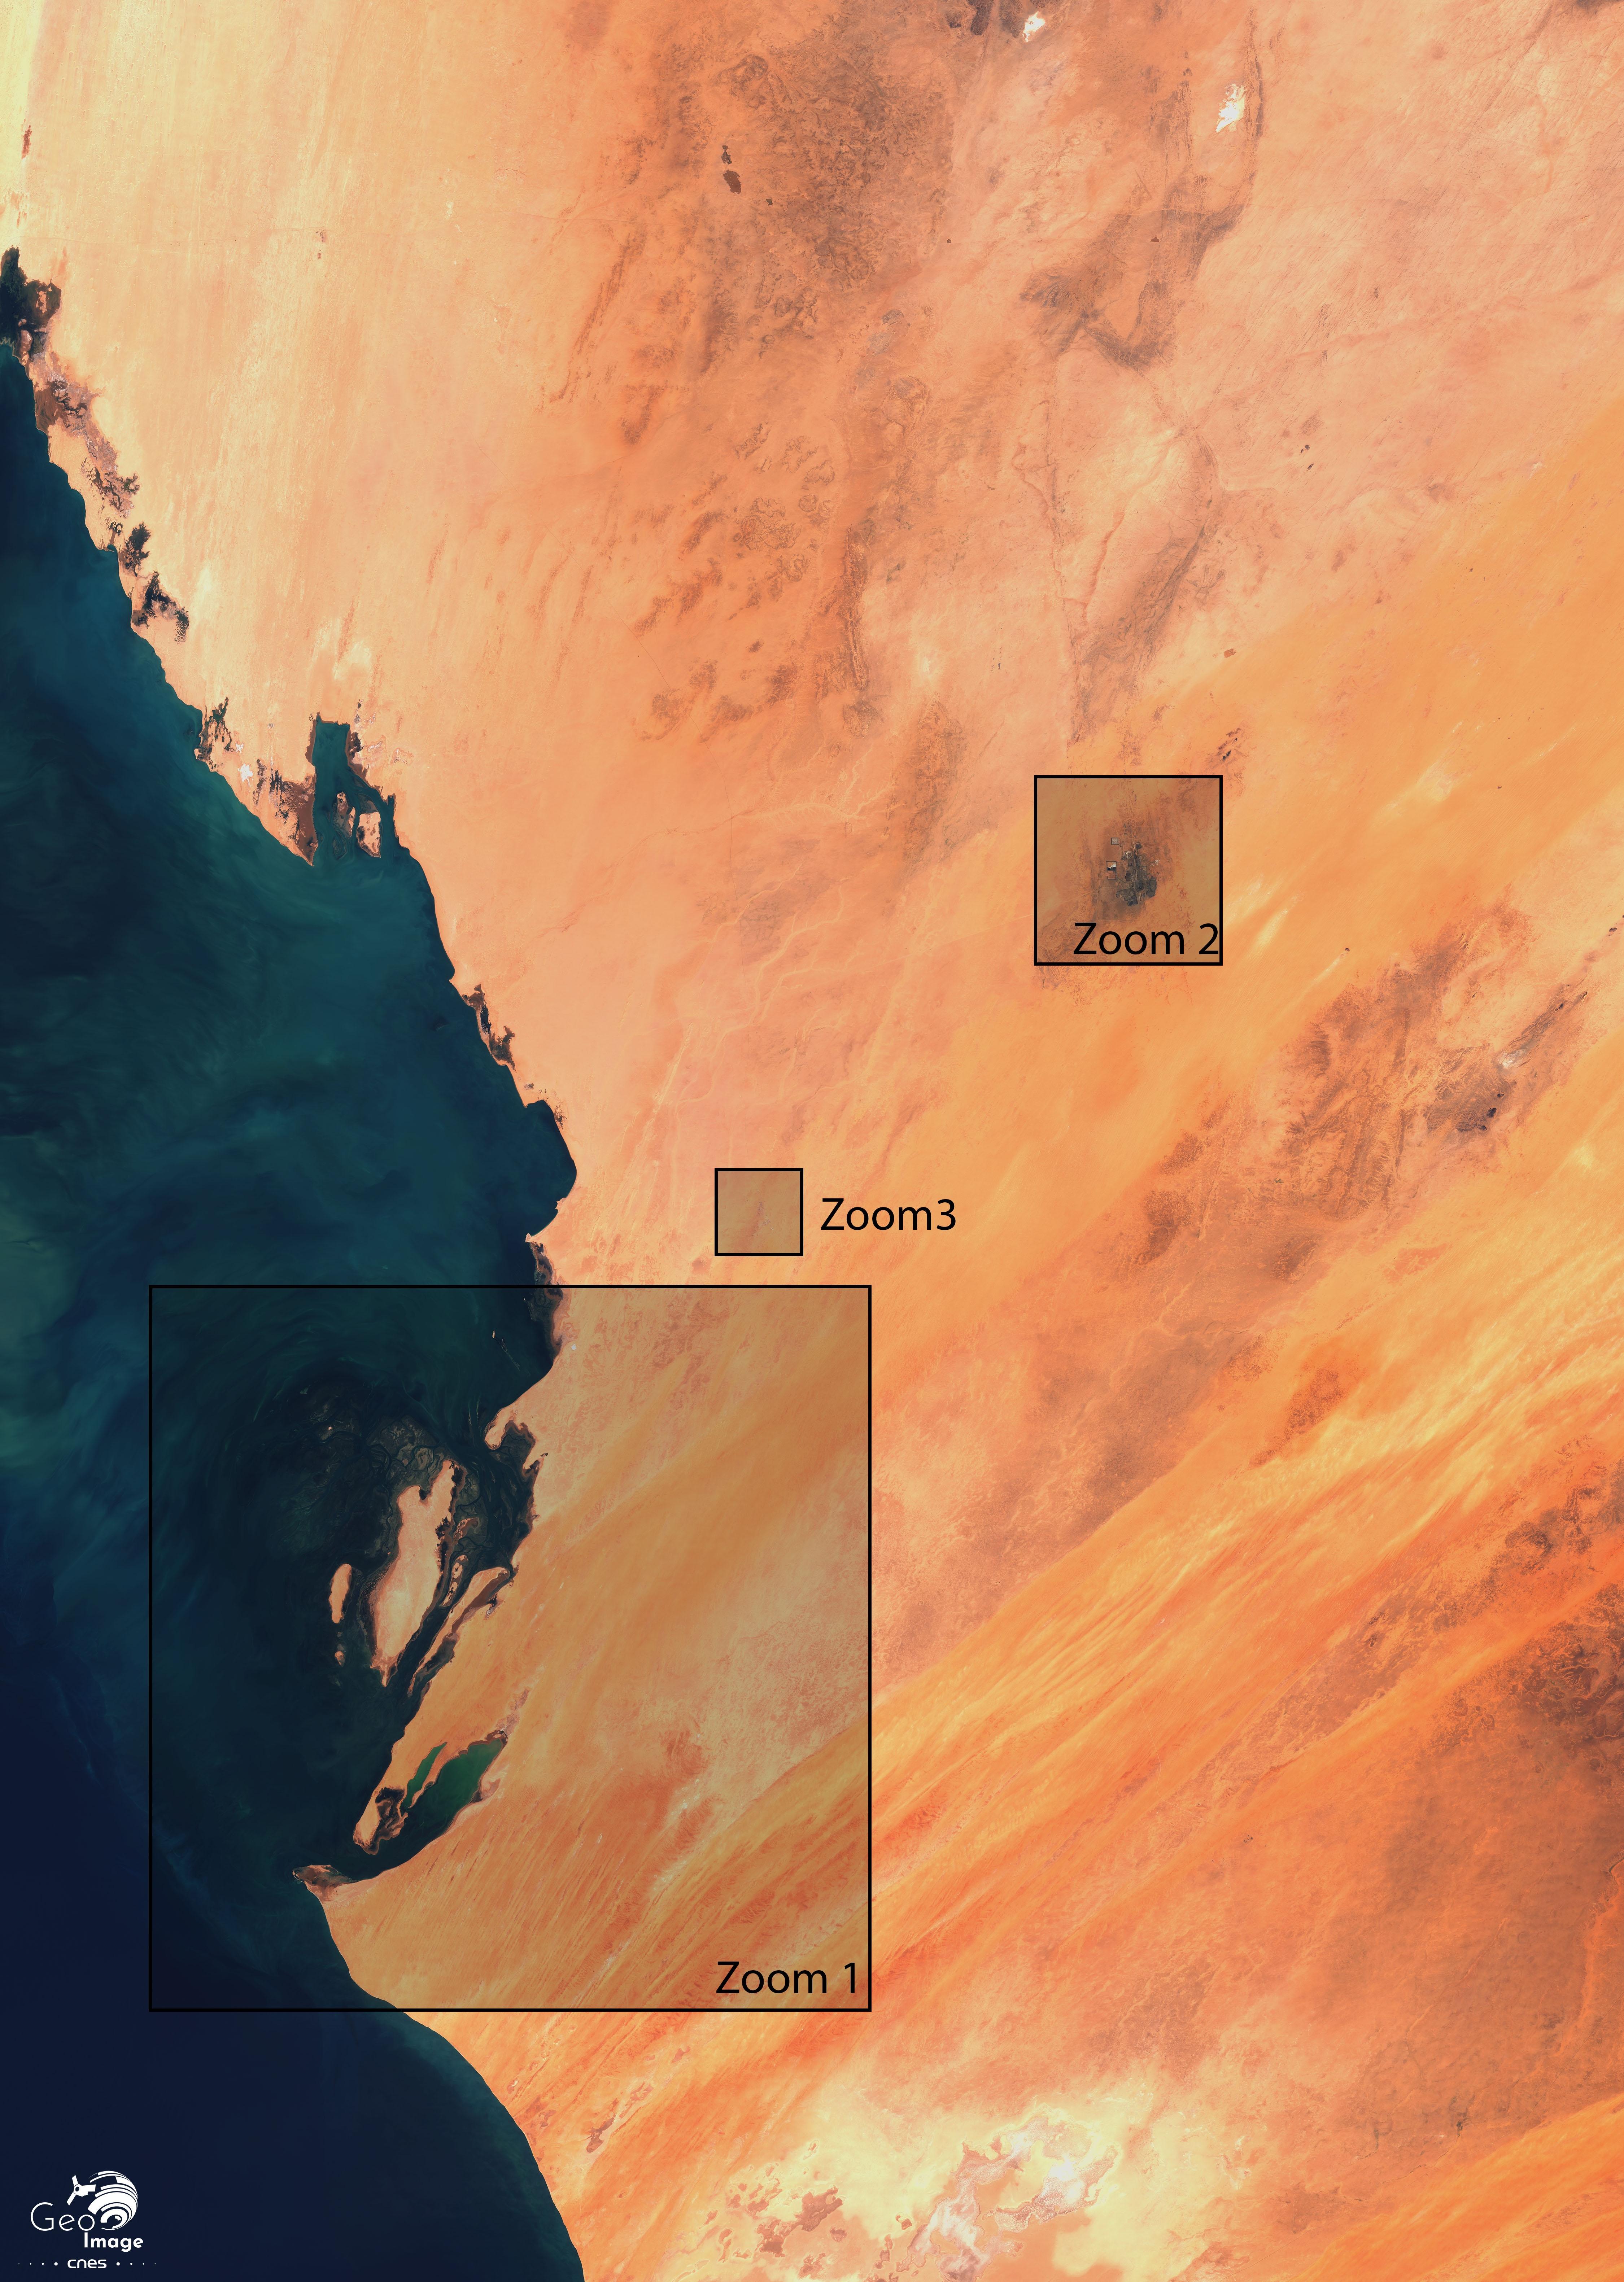 mauritanie_s2a_msil1c_20201118-vfc.jpg